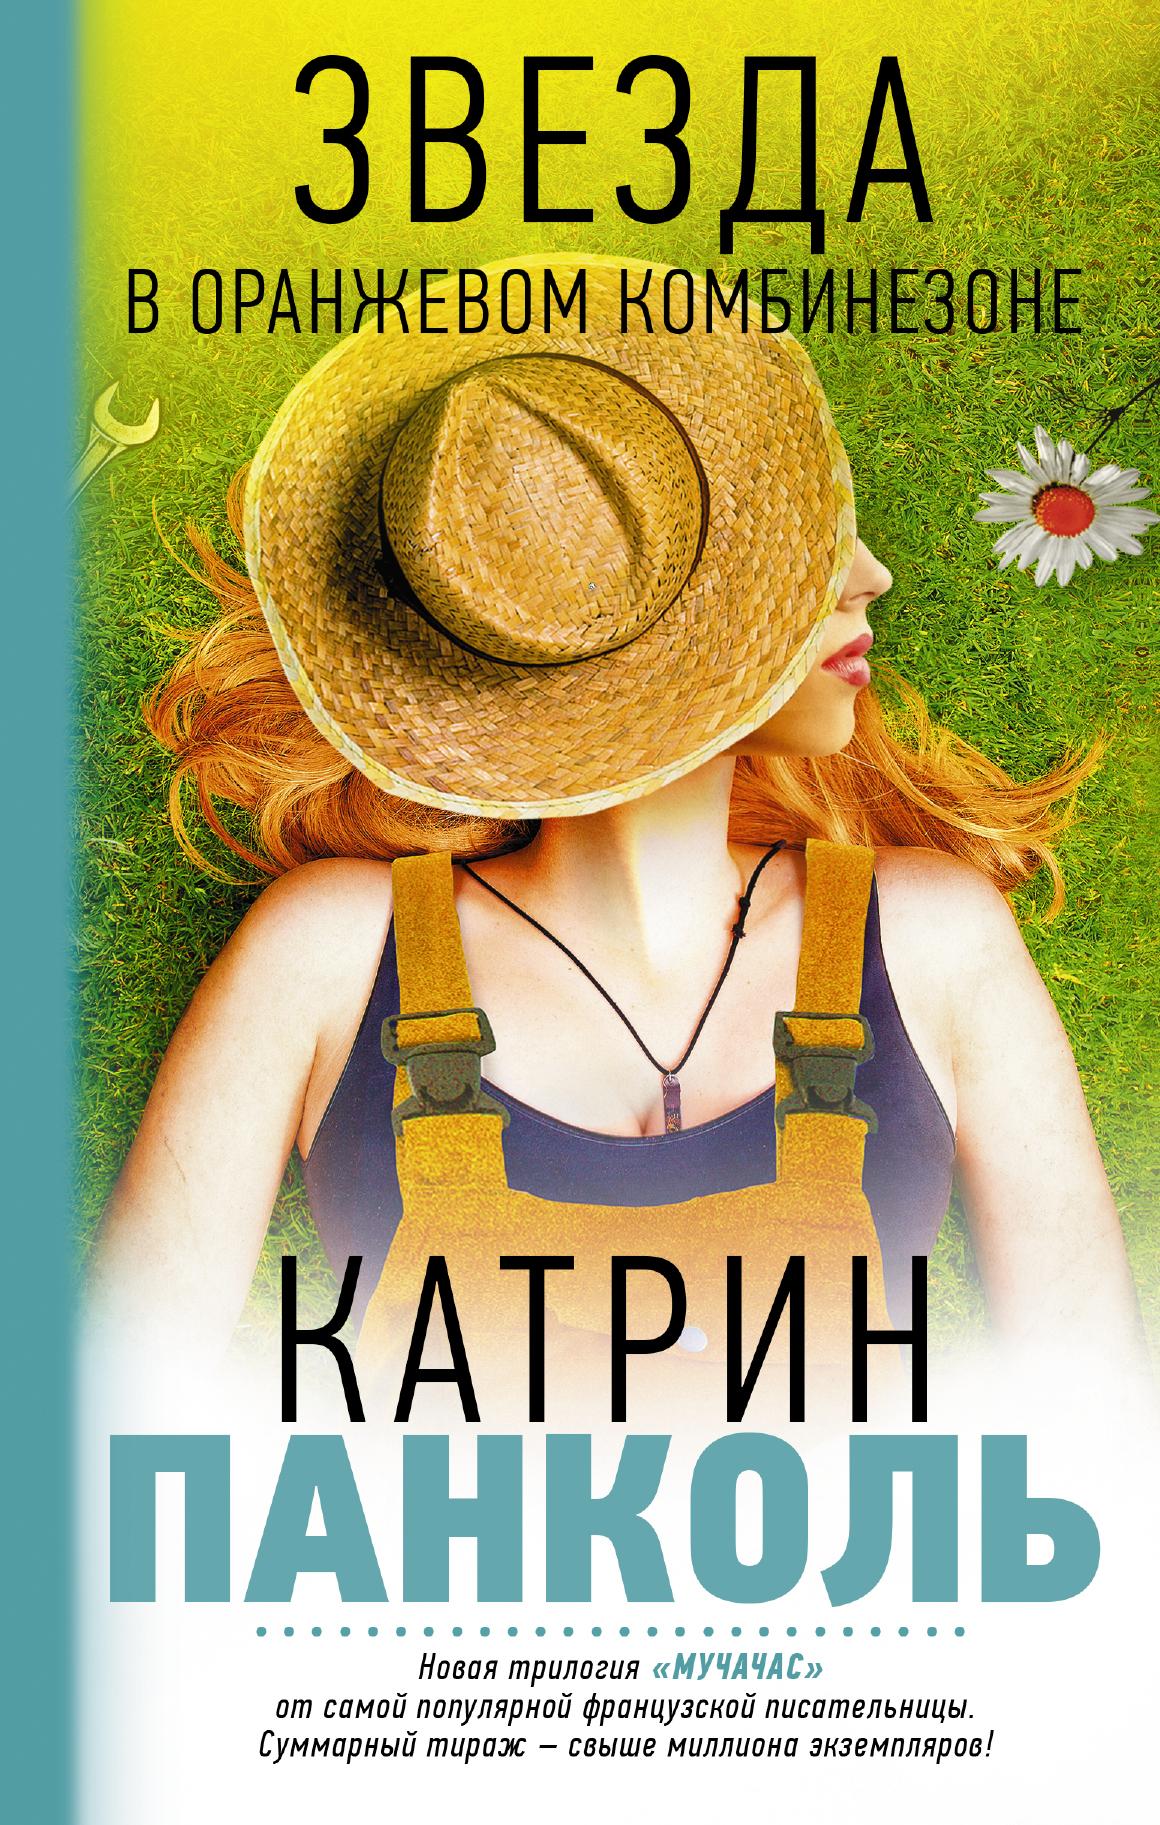 Панколь Катрин Мучачас: Звезда в оранжевом комбинезоне панколь катрин желтоглазые крокодилы